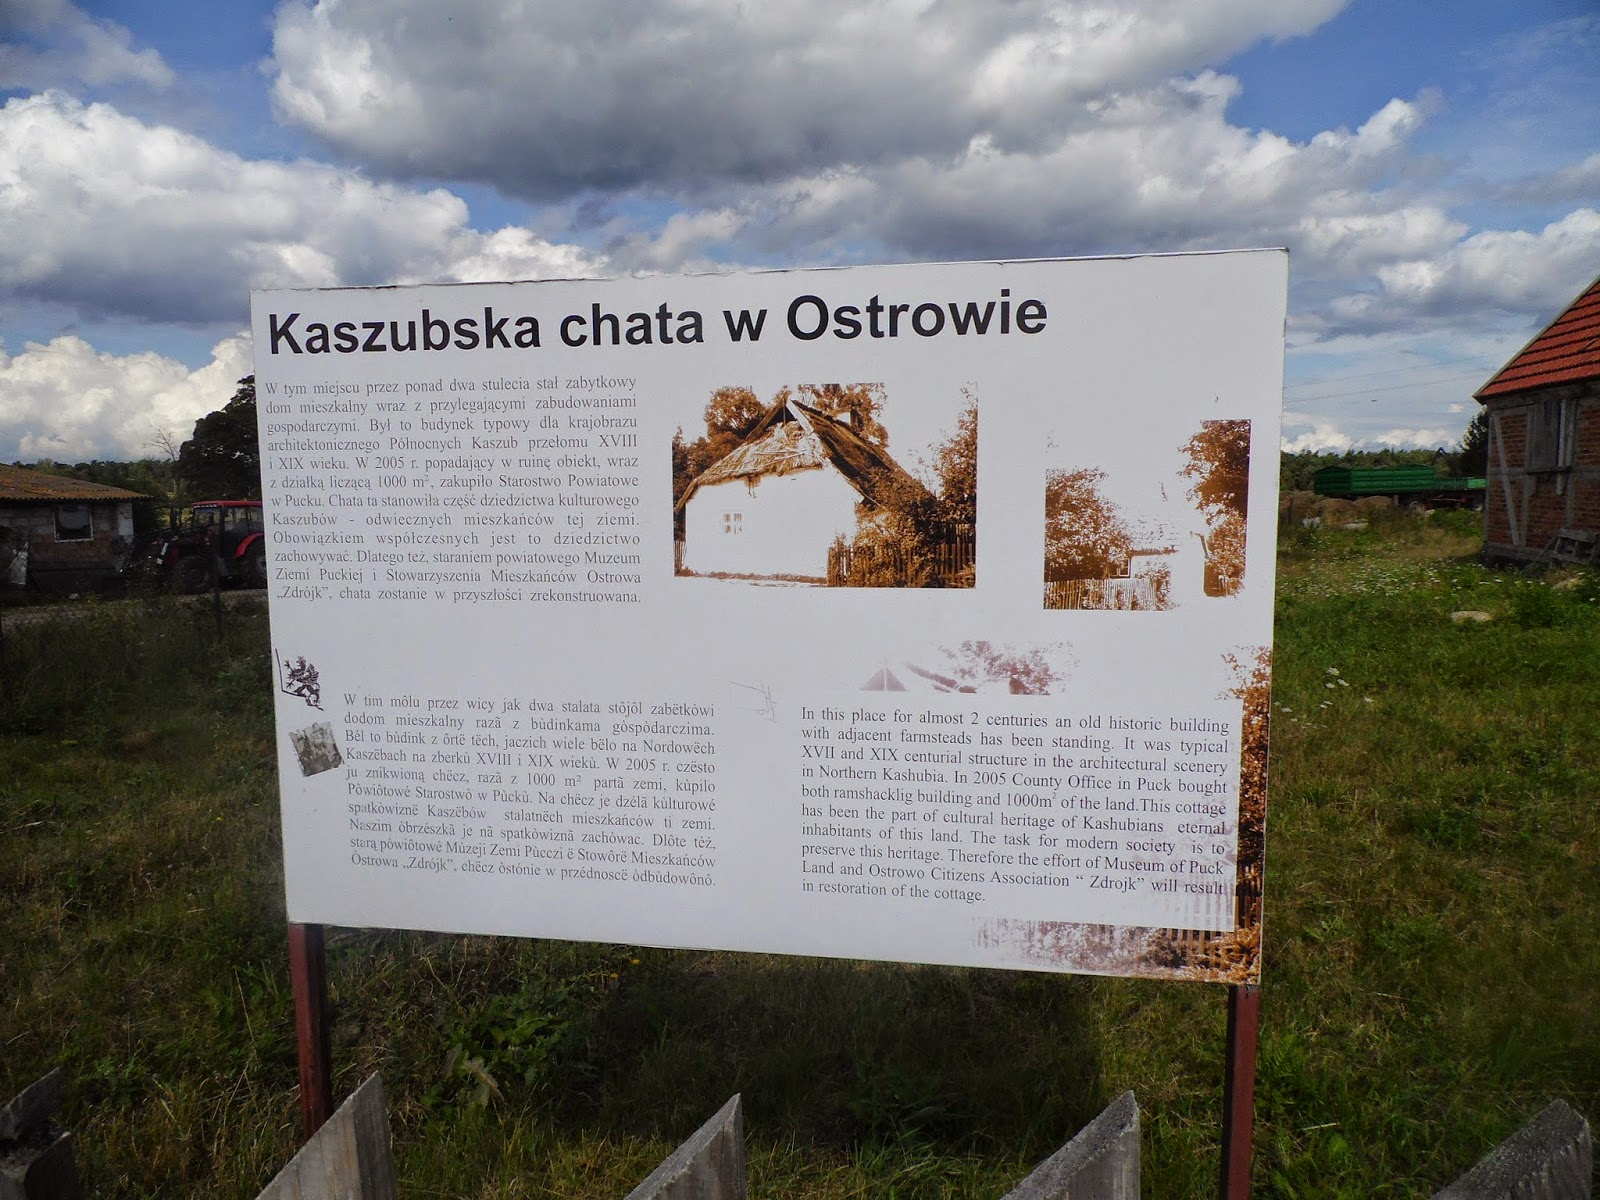 Tablica dotycząca zabytkowej kaszubskiej chaty w Ostrowie